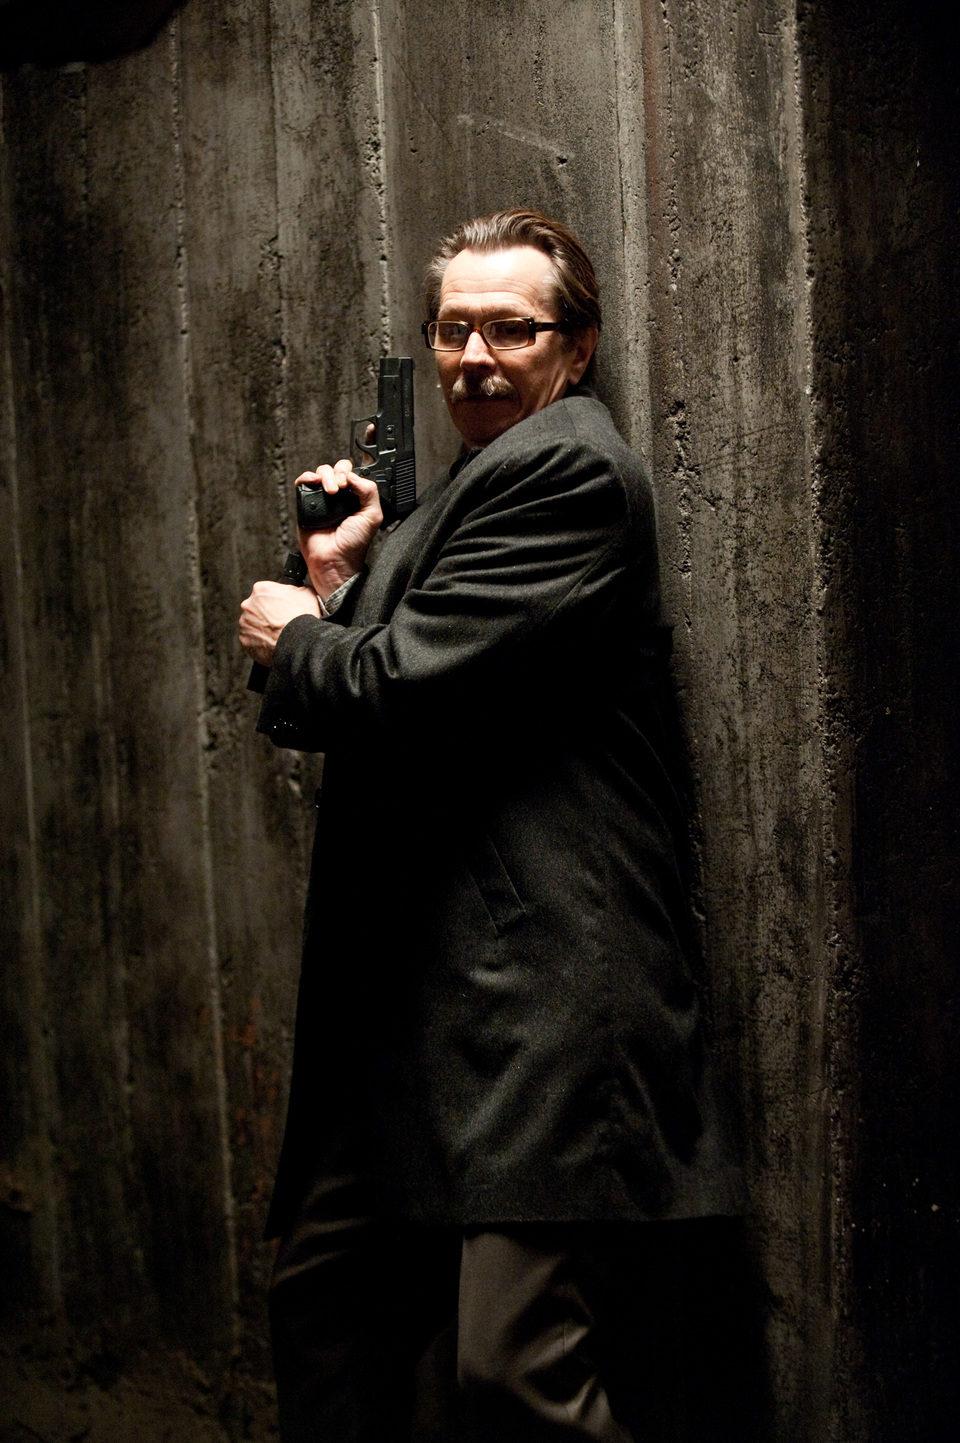 El Caballero Oscuro: La leyenda renace, fotograma 30 de 31